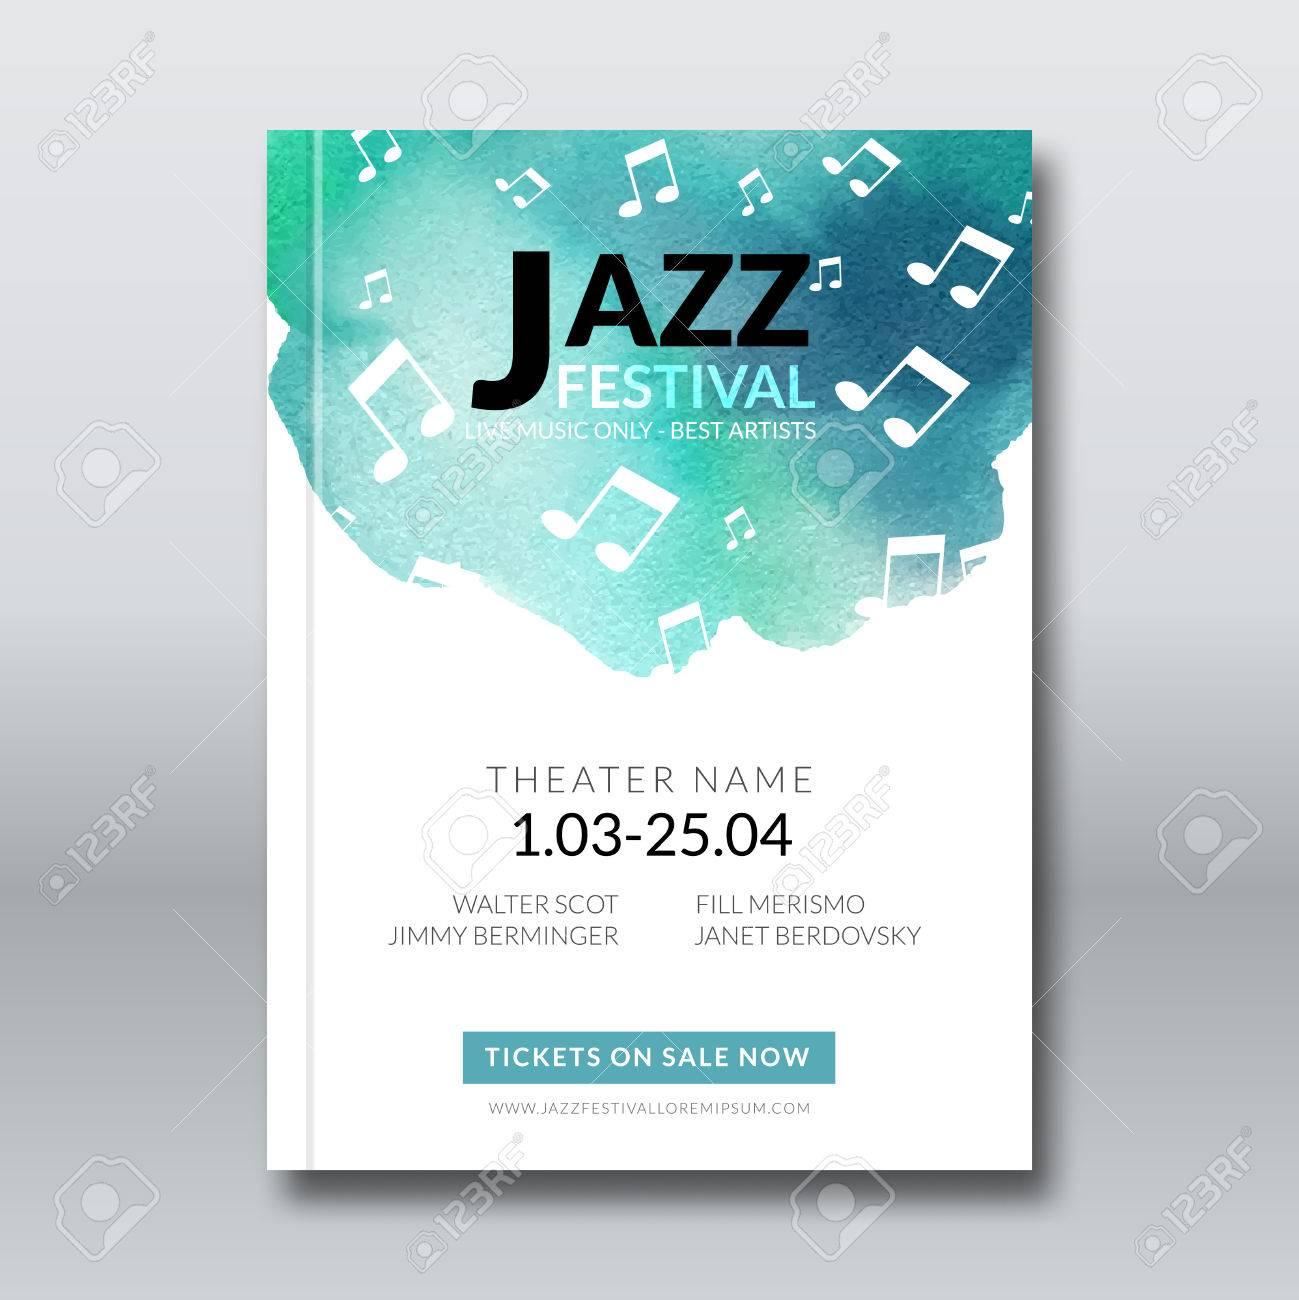 78d110558b2b3 Foto de archivo - Música de jazz plantillas de carteles de vector. Dibujado  a mano acuarela de fondo mancha. Resumen de antecedentes para la tarjeta